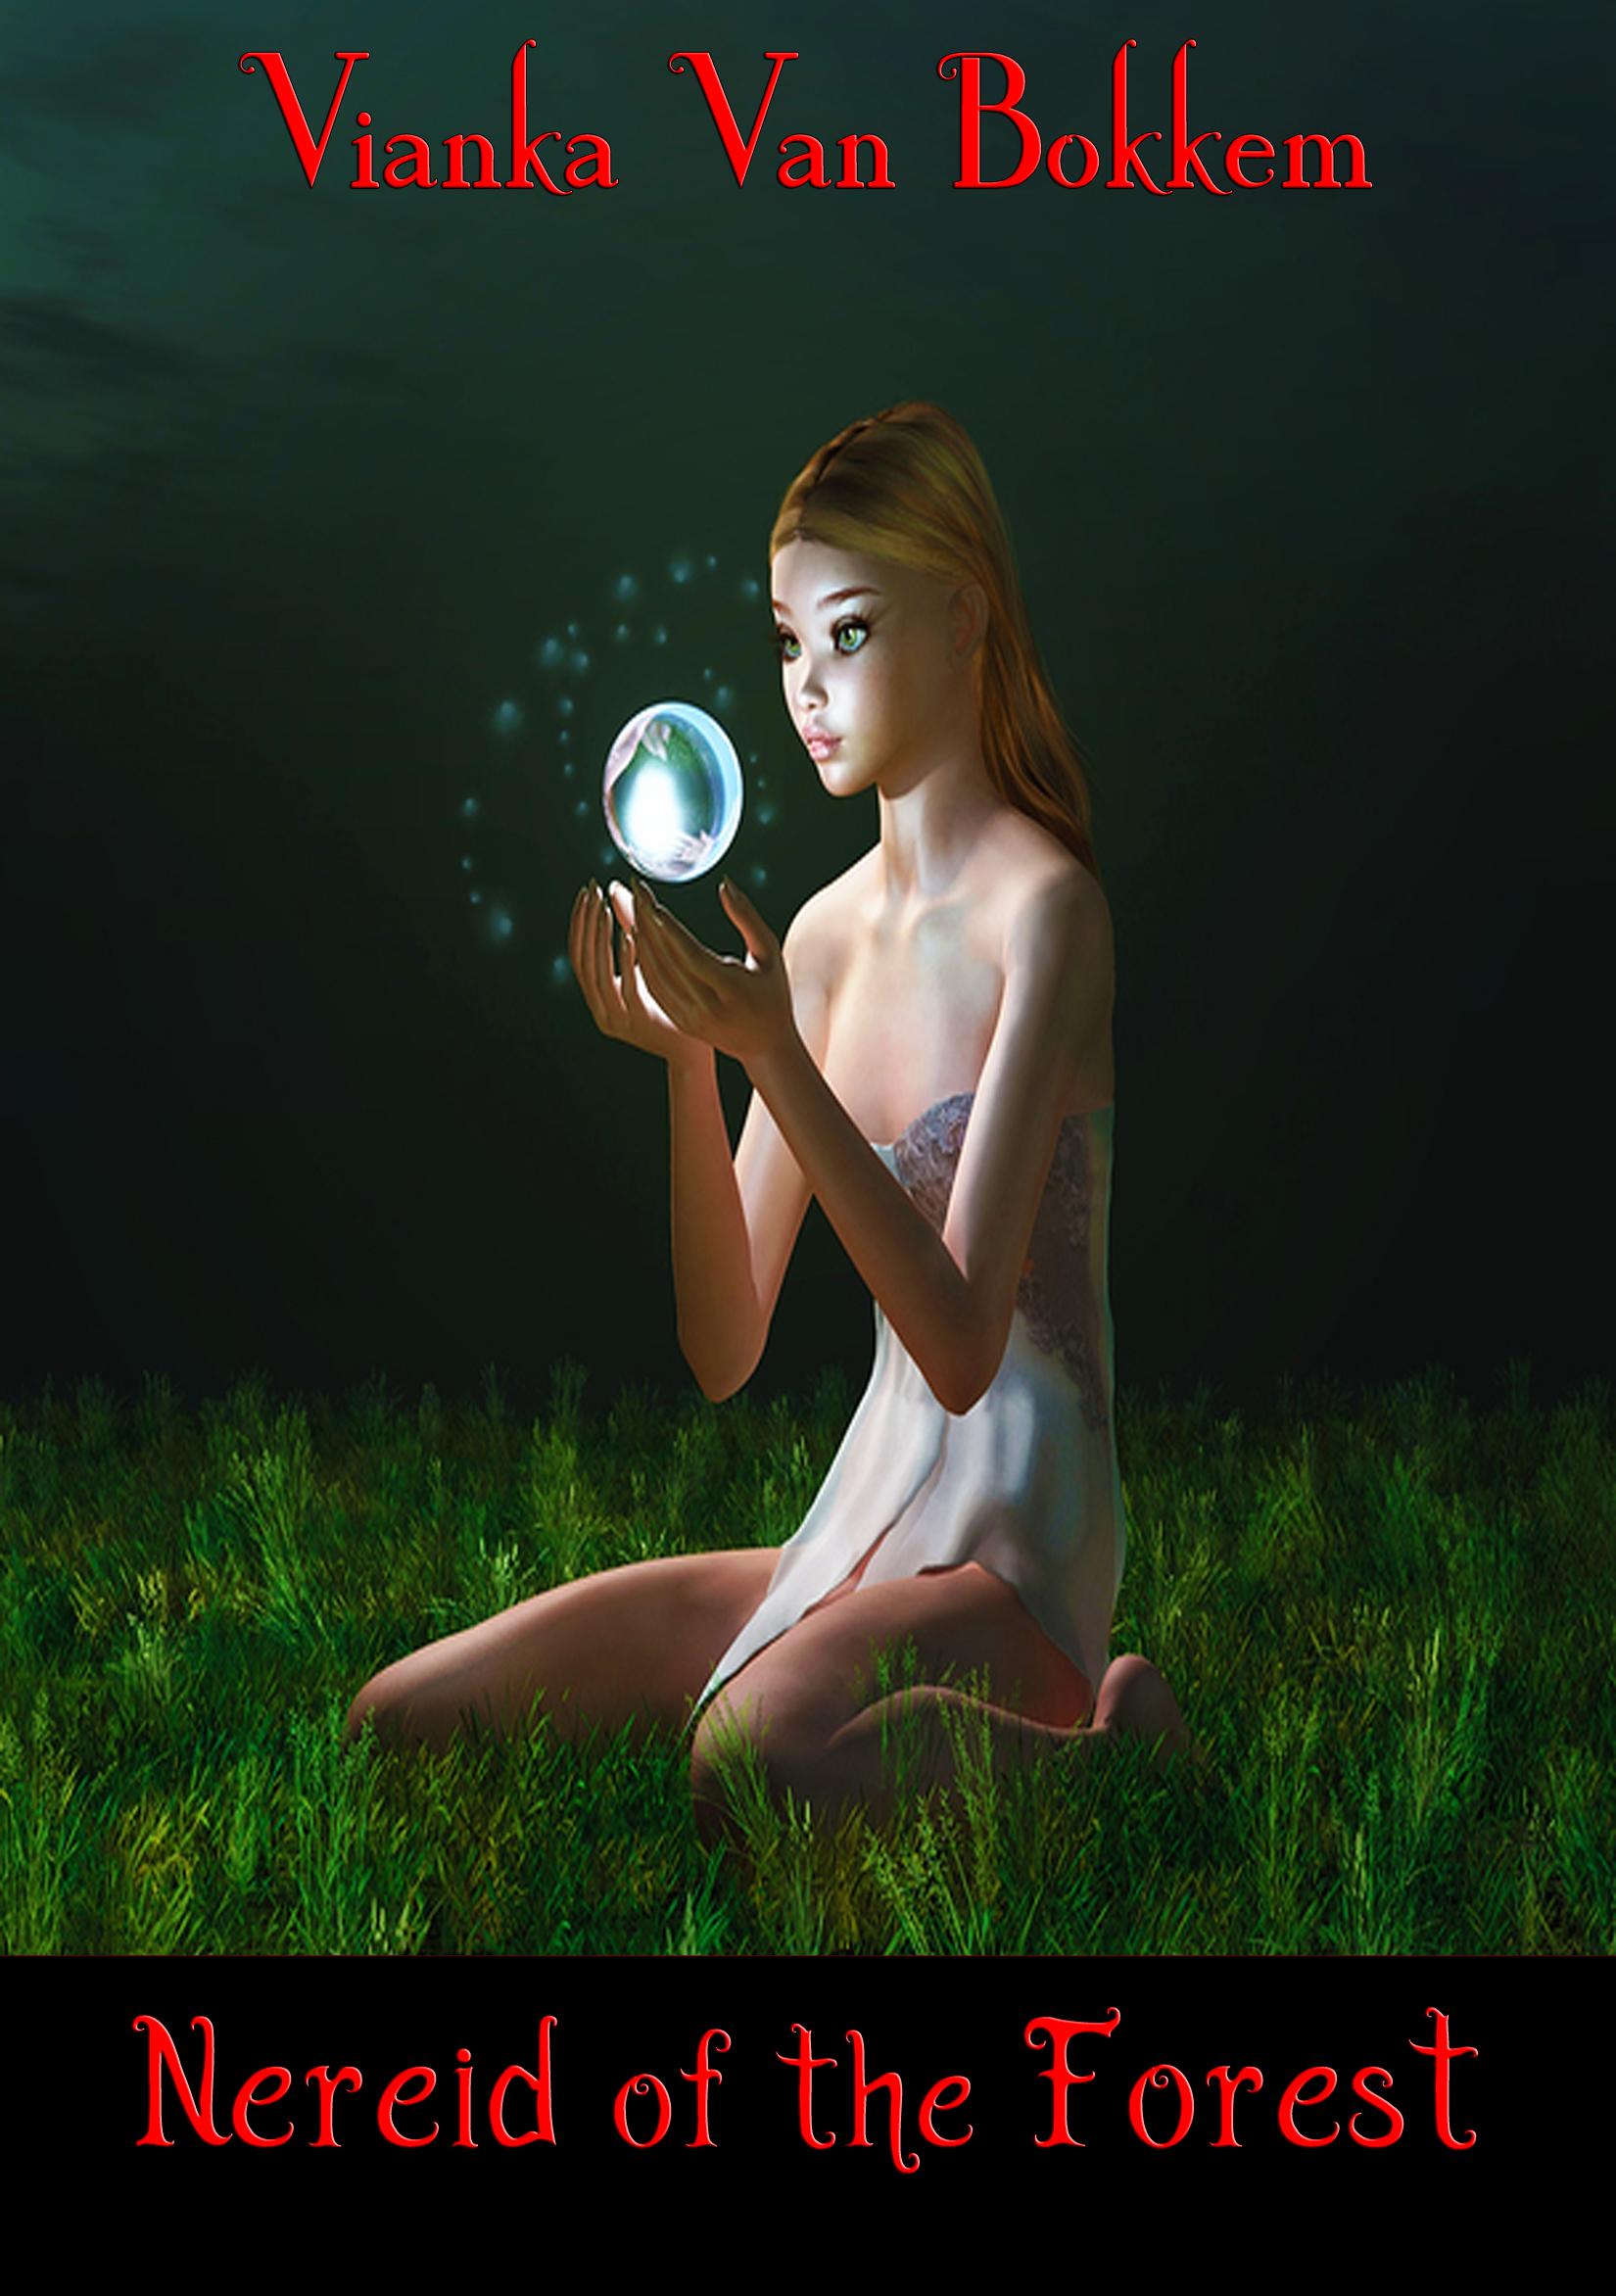 Nereid of the forest (mythology - fantasy and magic)